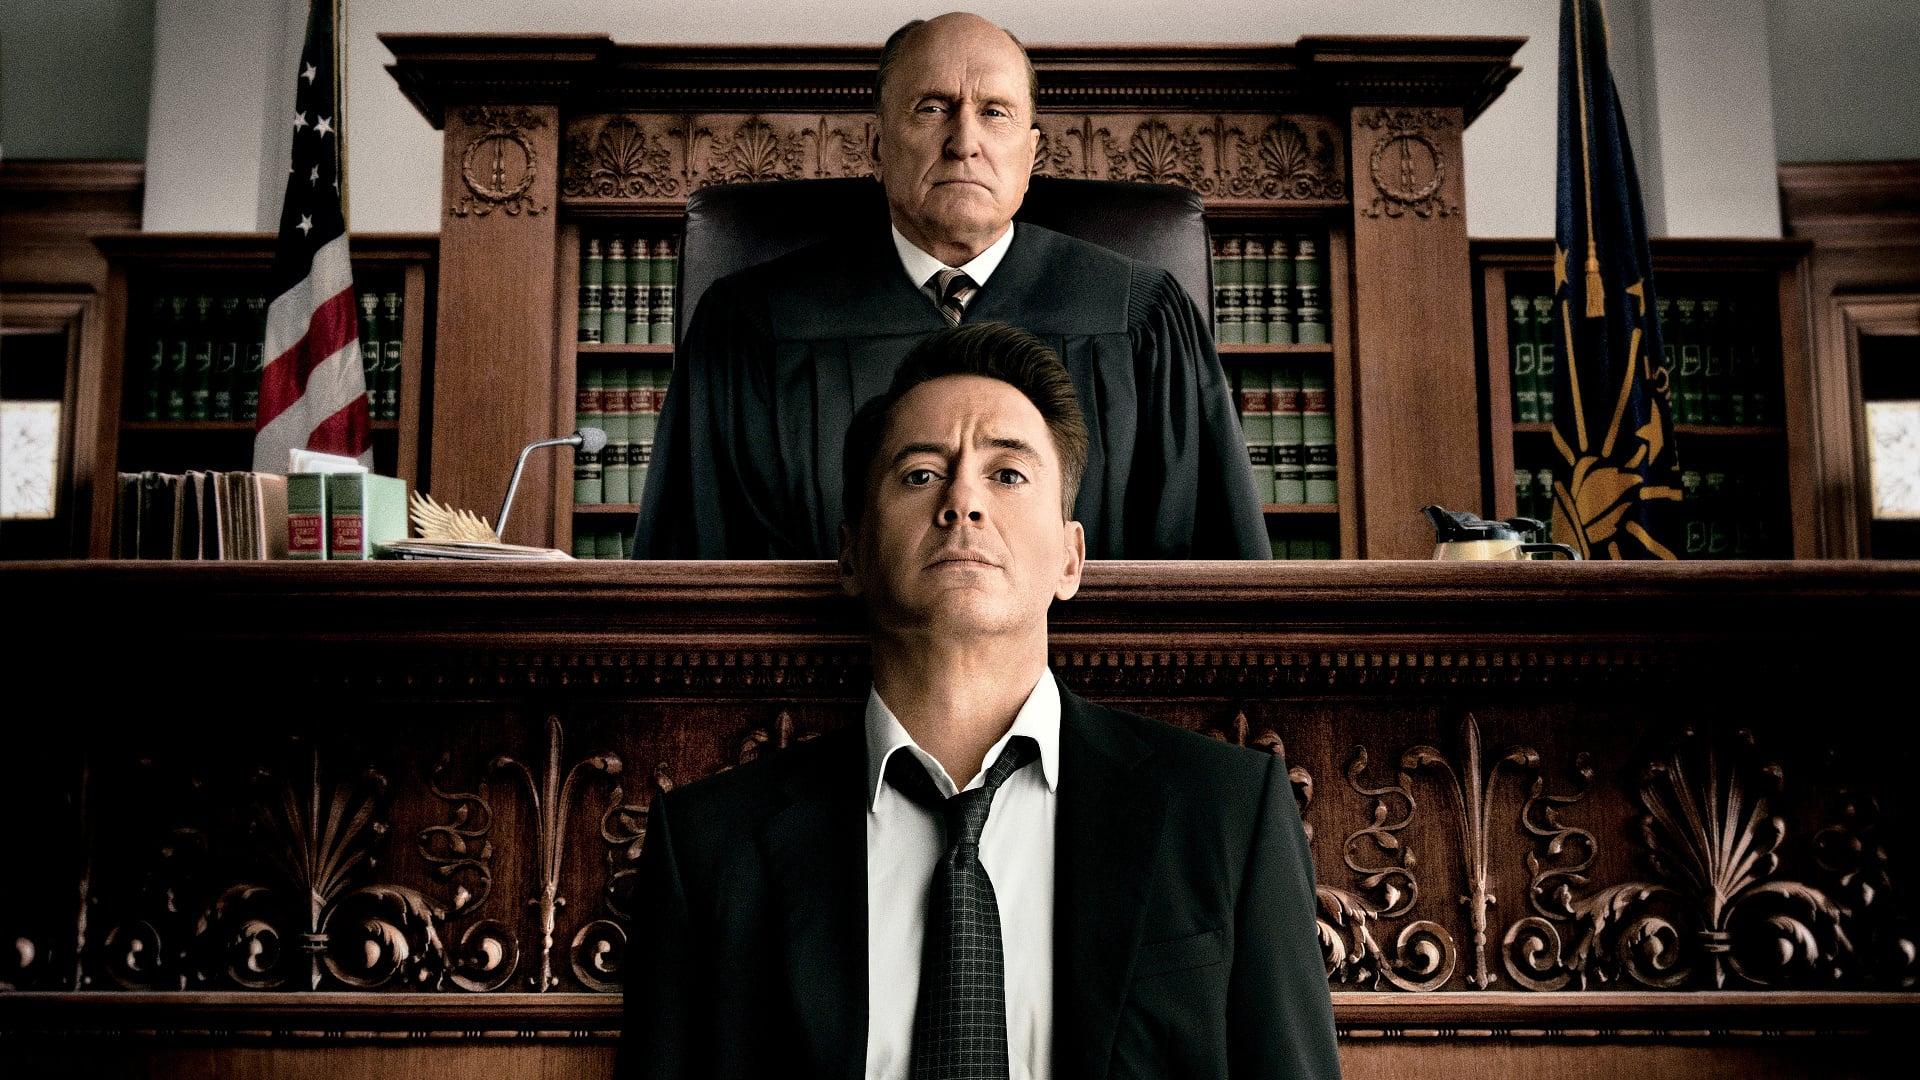 Regarder Le Juge en streaming gratuit